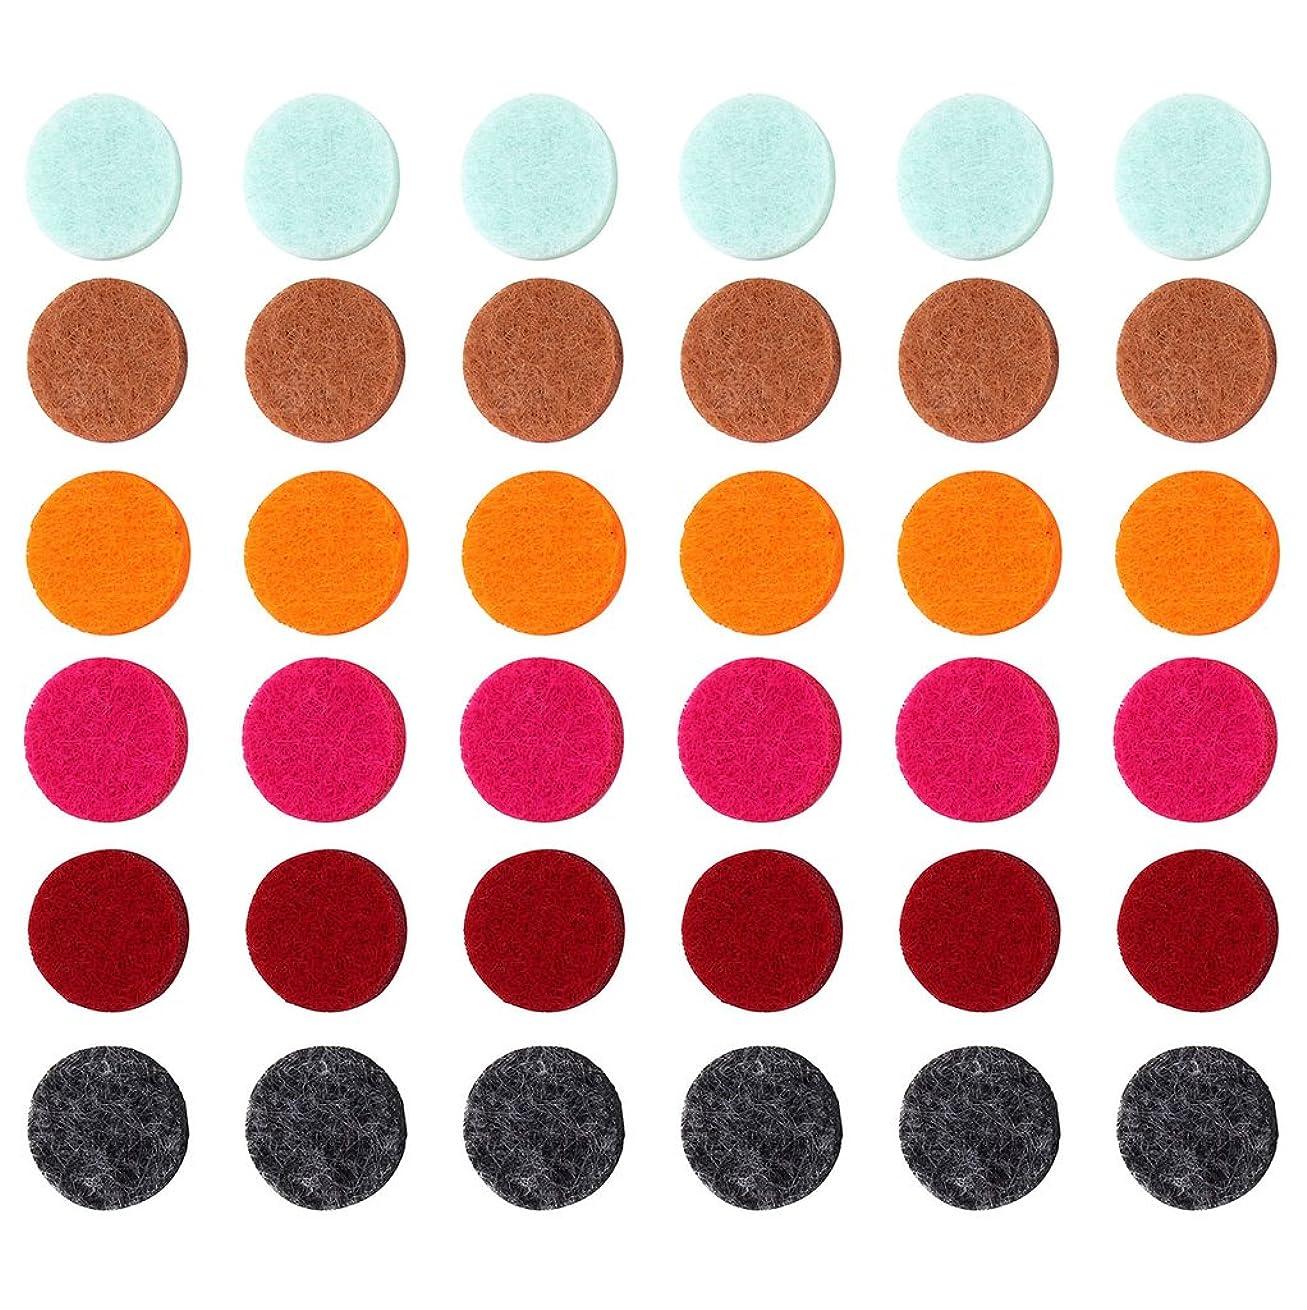 安全な構築する発言するZYsta 36個Refill Pads for Aromatherapy Essential Oil Diffuserロケットネックレス、交換用パッド: Thickened/洗濯可能/高吸水性のアロマディフューザーペンダント